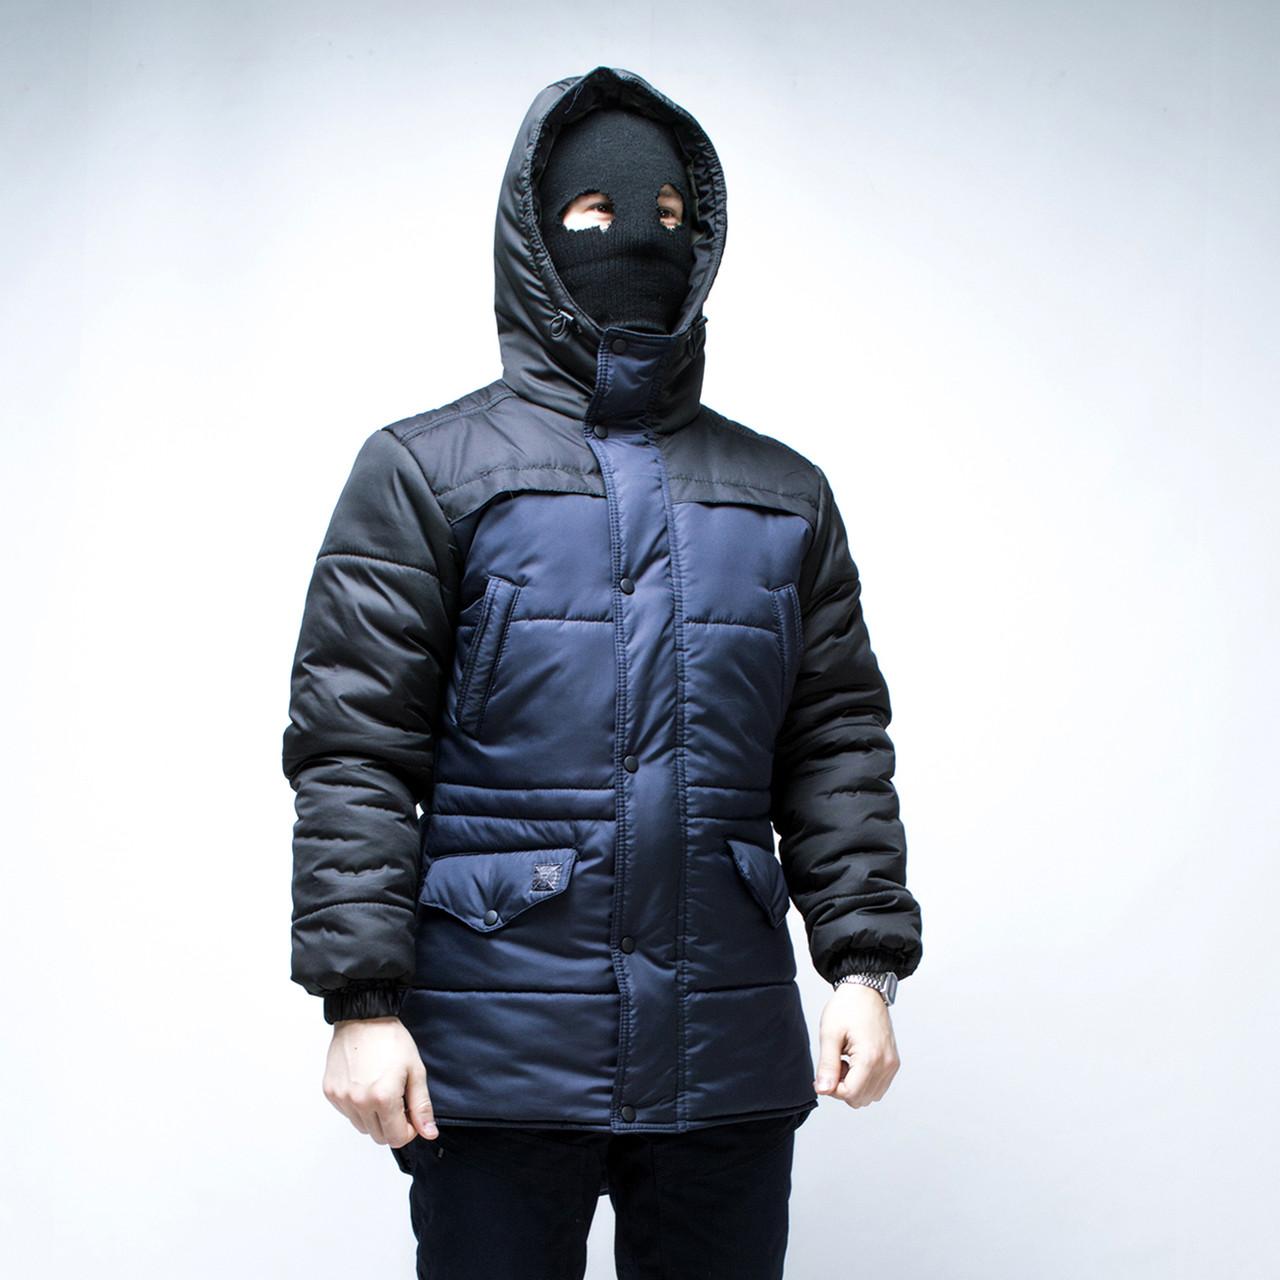 Зимняя мужская куртка ТУР Bizon темно-синяя